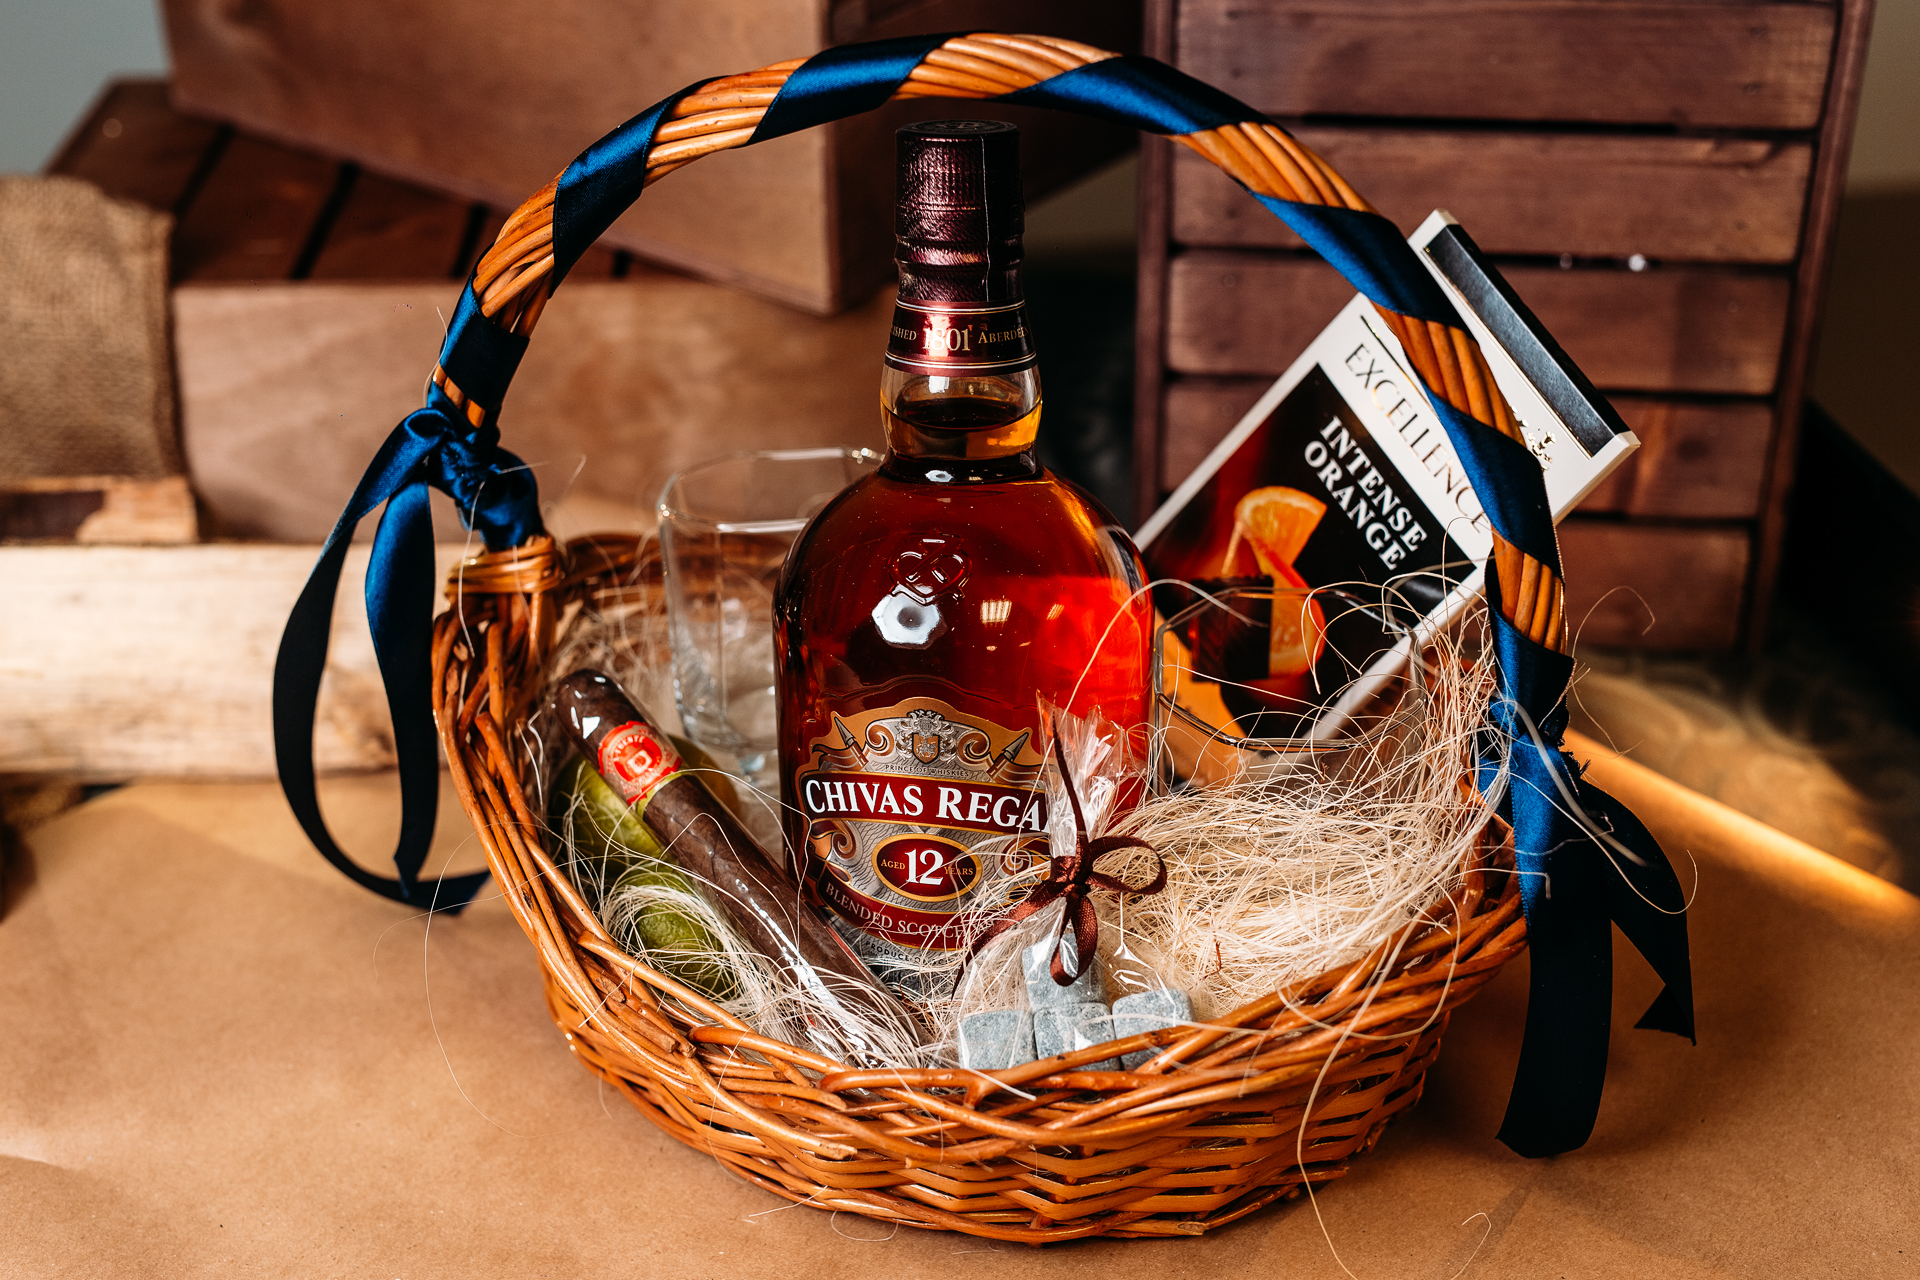 область таких подарок в корзине алкоголь своими руками фото желанию можете